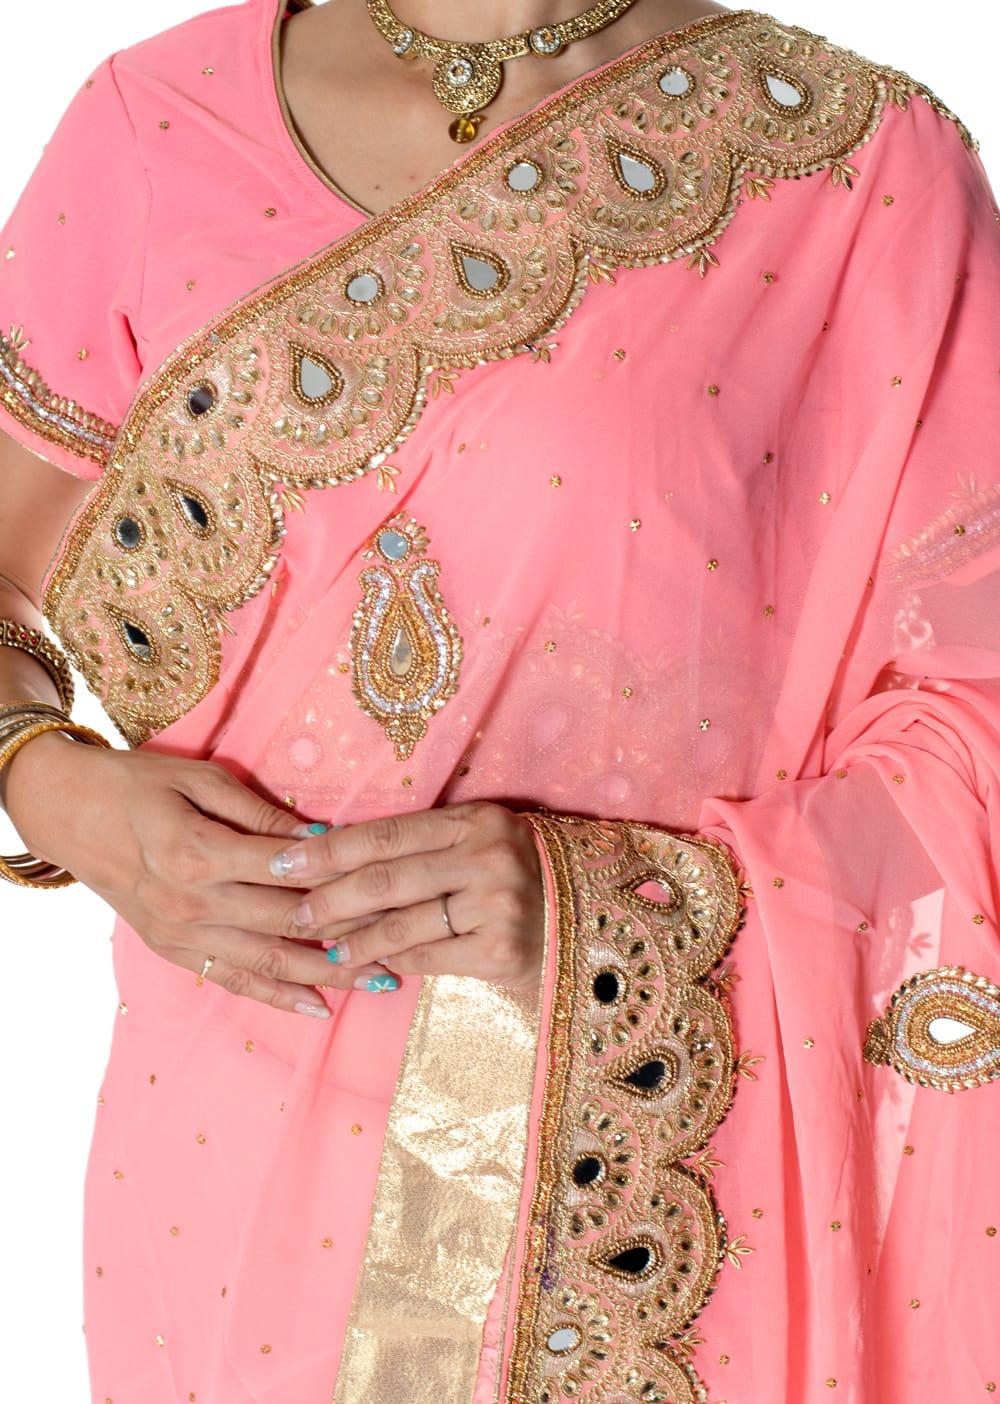 【一点物】ミラーワークと刺繍の婚礼用ゴージャス ジョーゼットサリー【チョリ付き】 - ピンク 5 - 拡大写真です